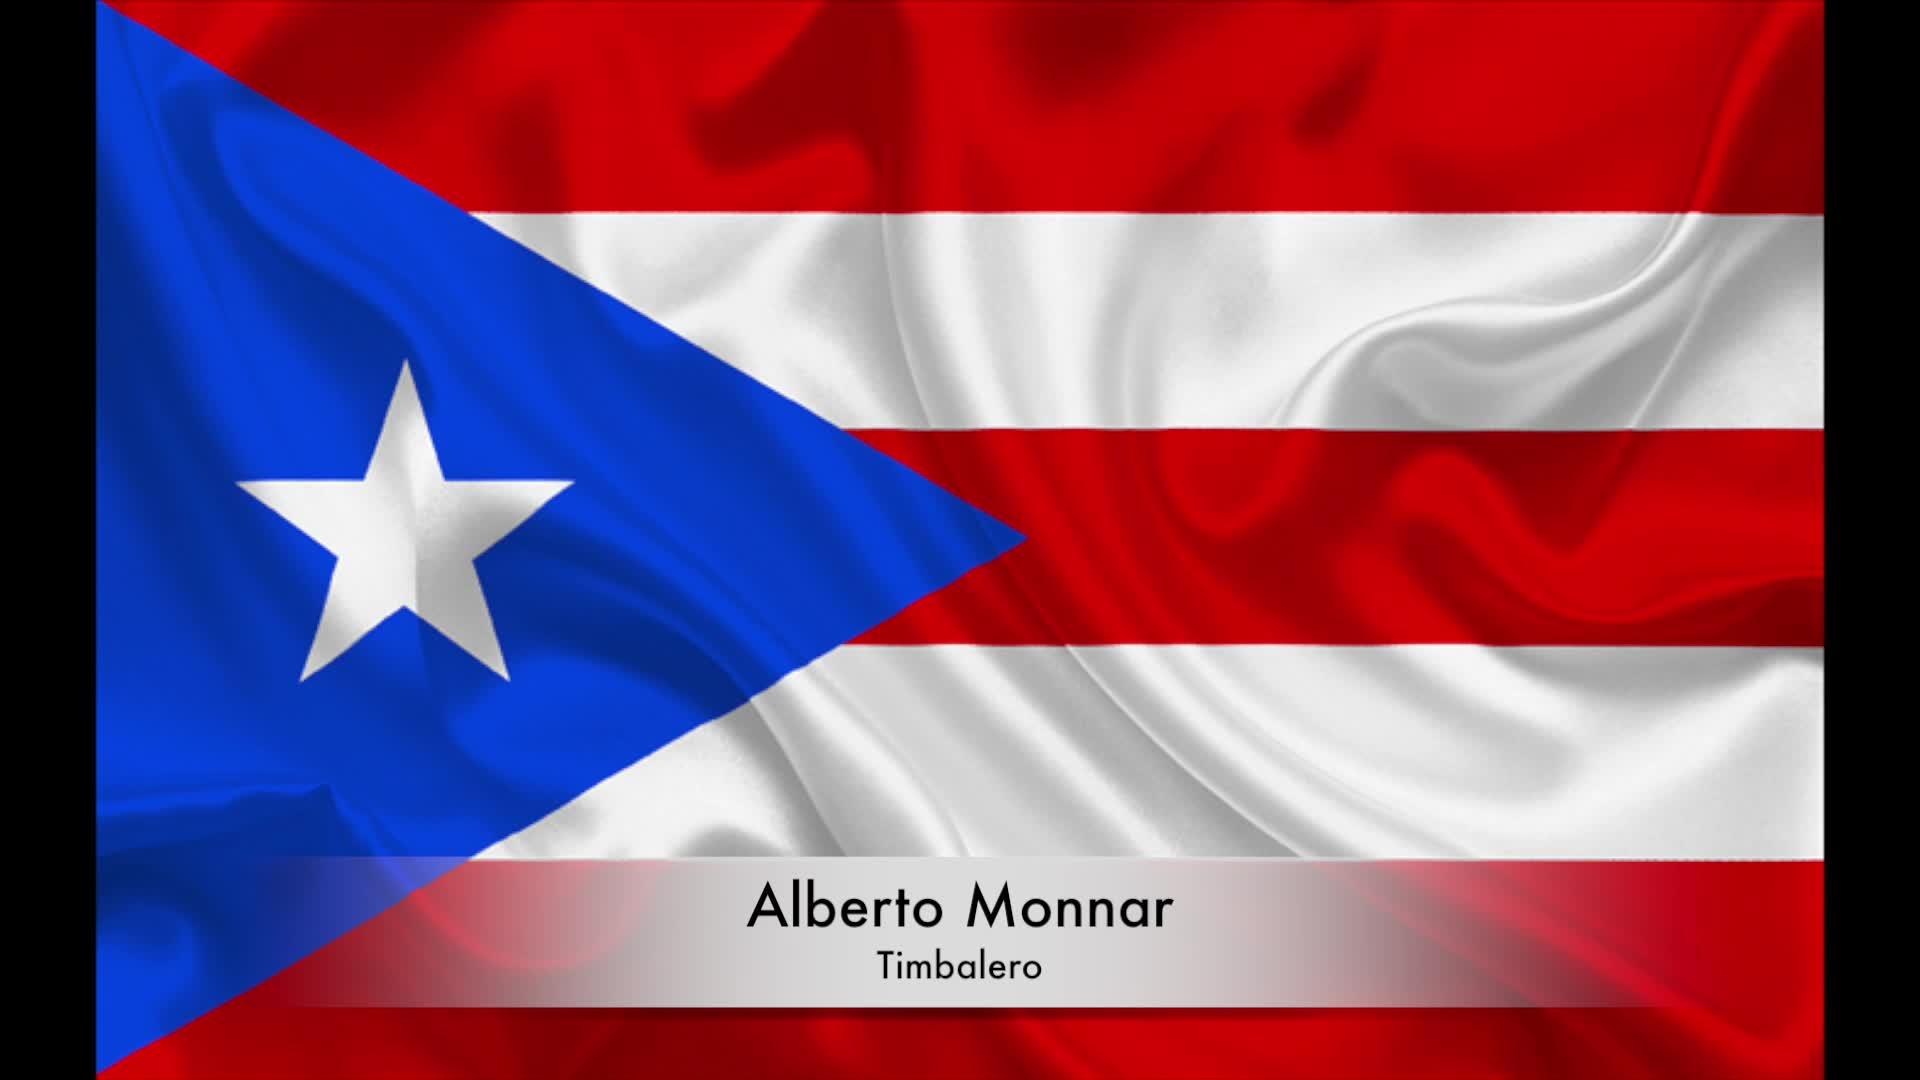 Alberto Monnar - Timbalero